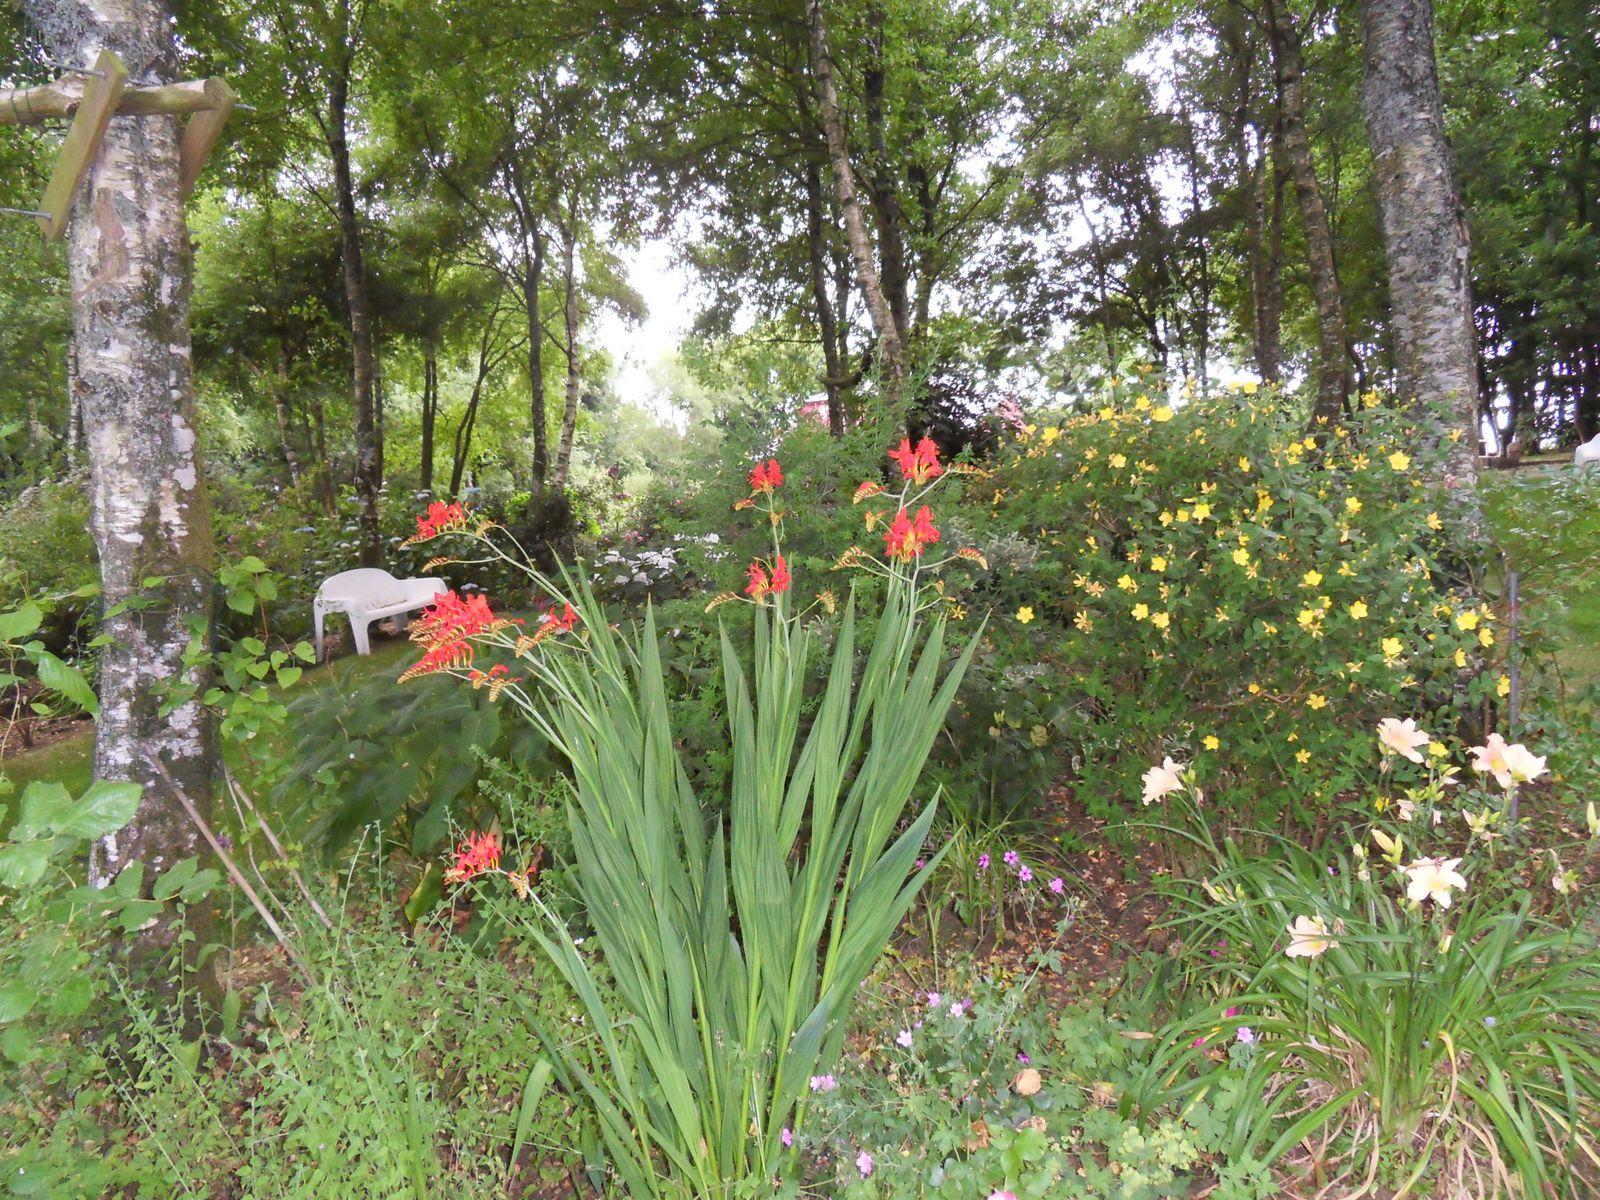 les croscomias lucifer sont en fleurs en ce moment , début de floraison....ils sont dans la partie bois dans plusieurs endroits ...